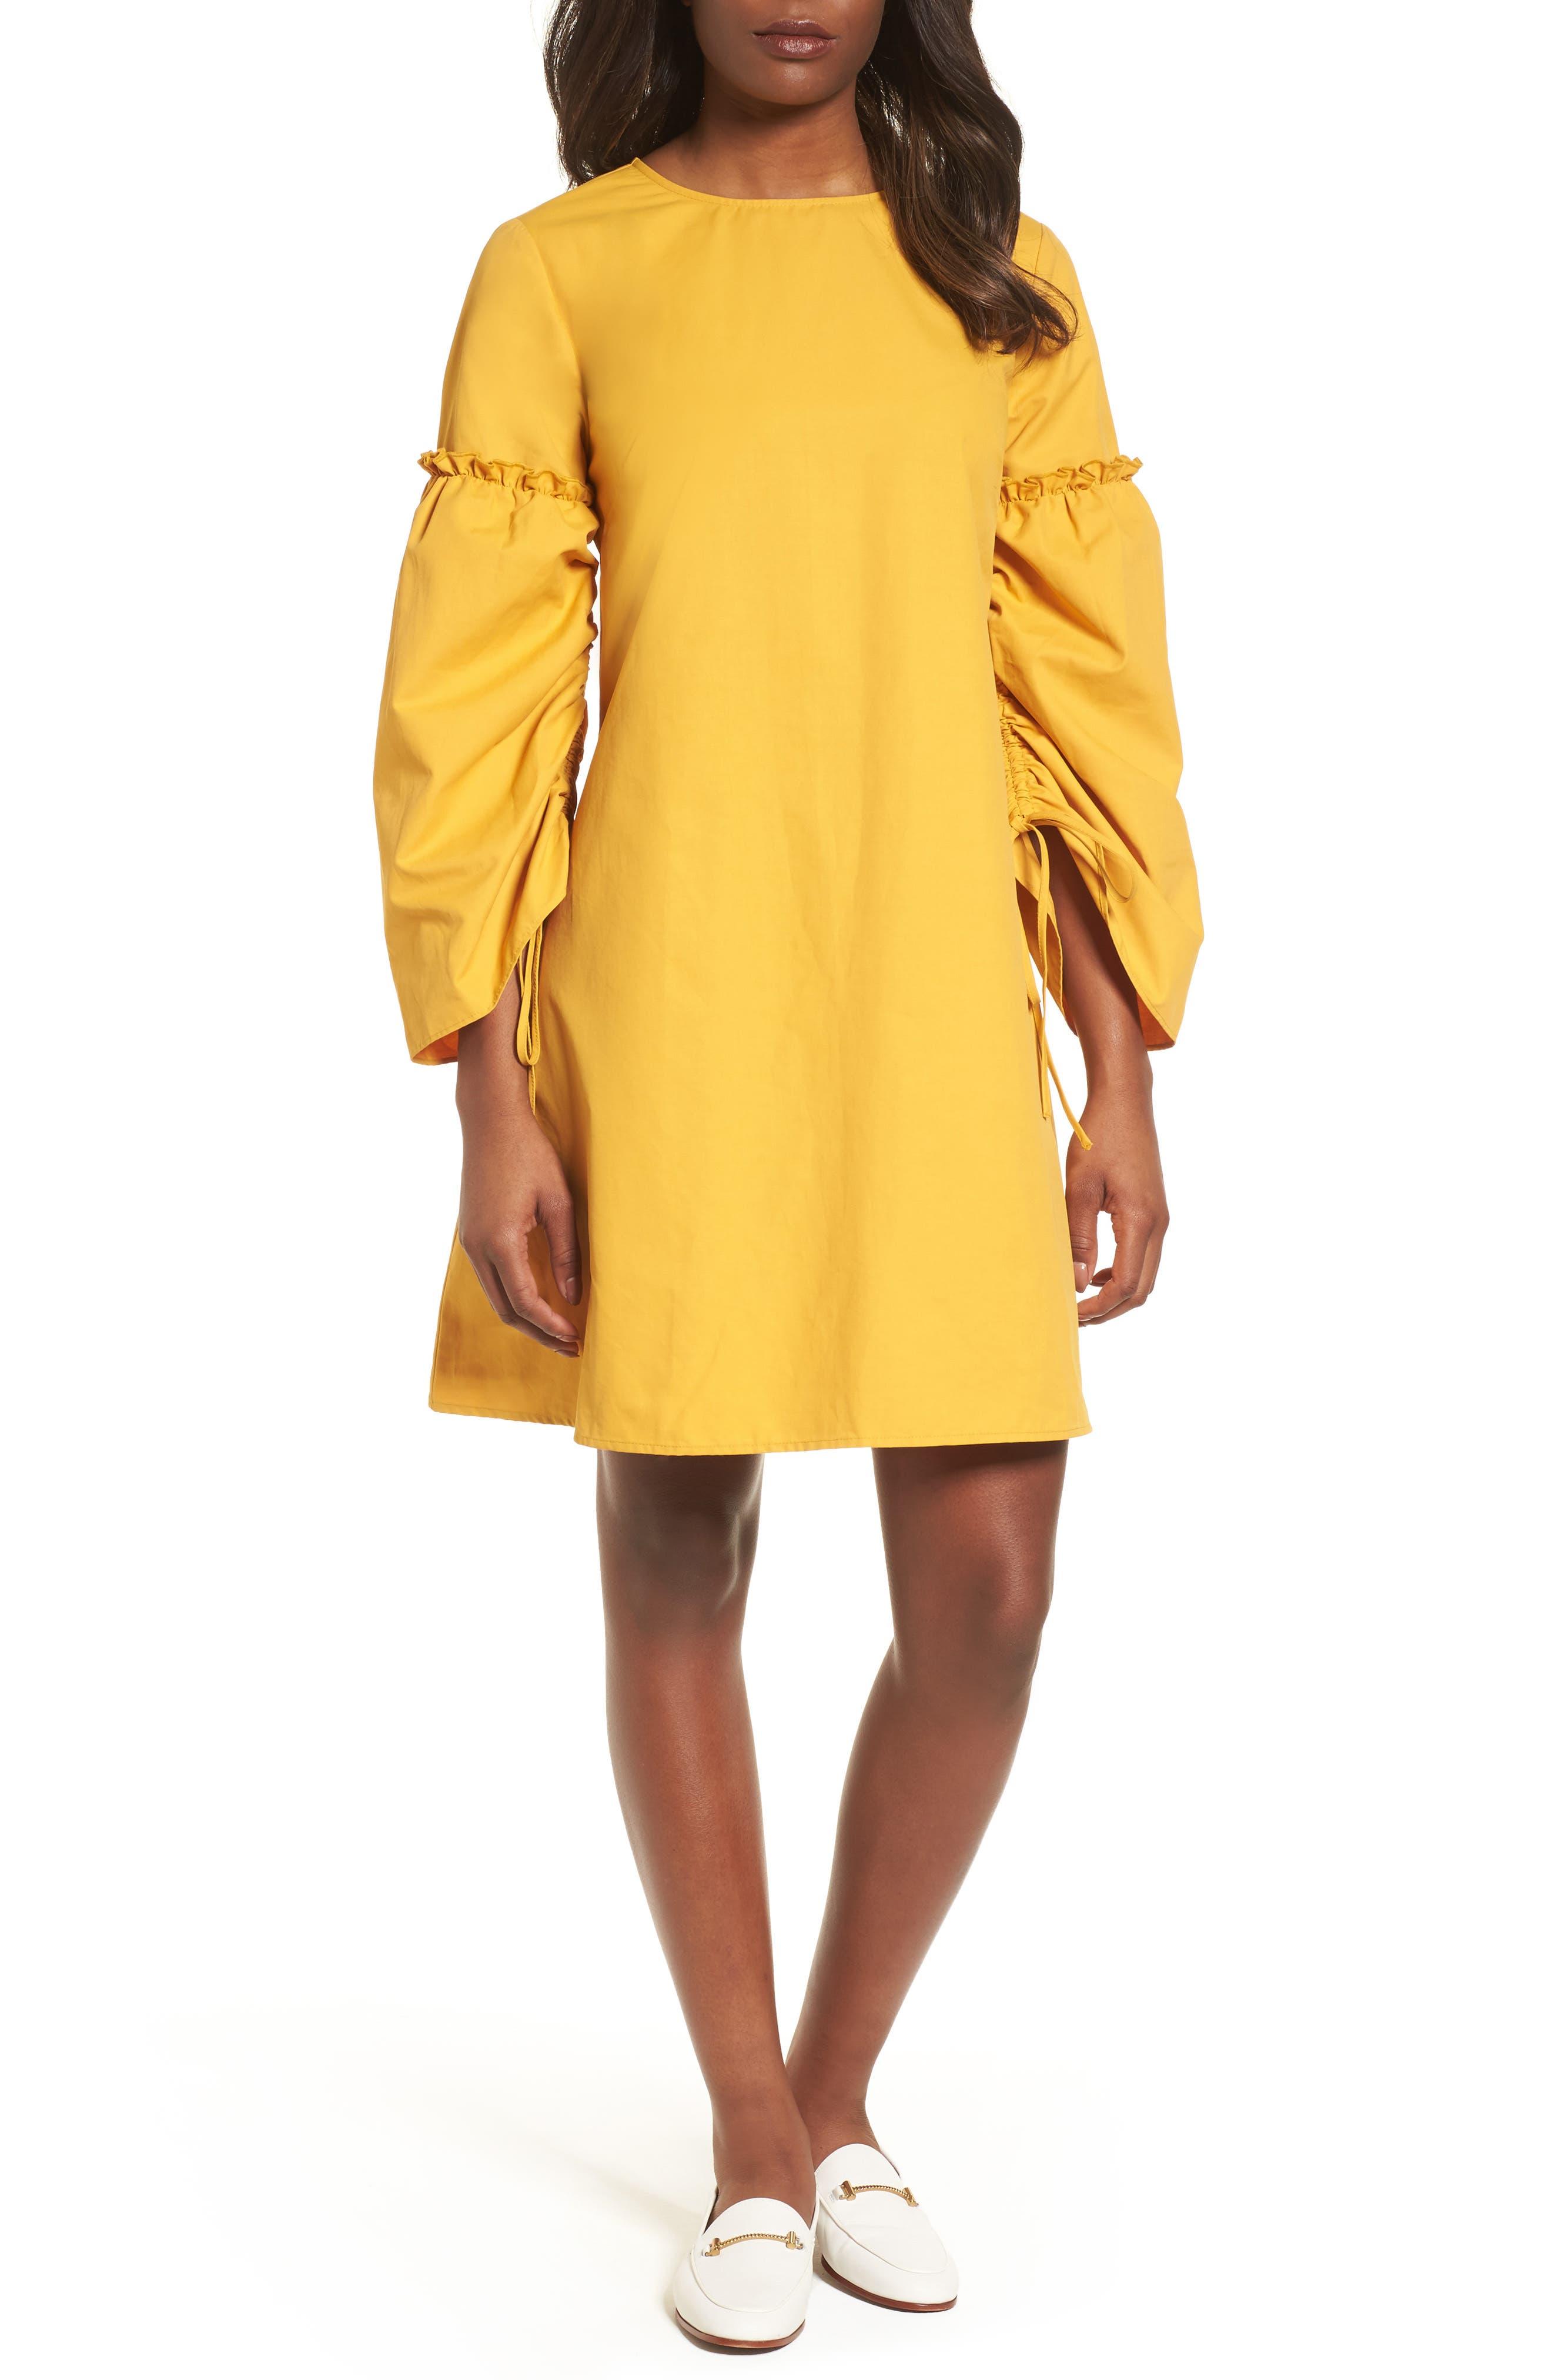 Parachute Sleeve Shift Dress,                             Main thumbnail 1, color,                             Yellow Mineral